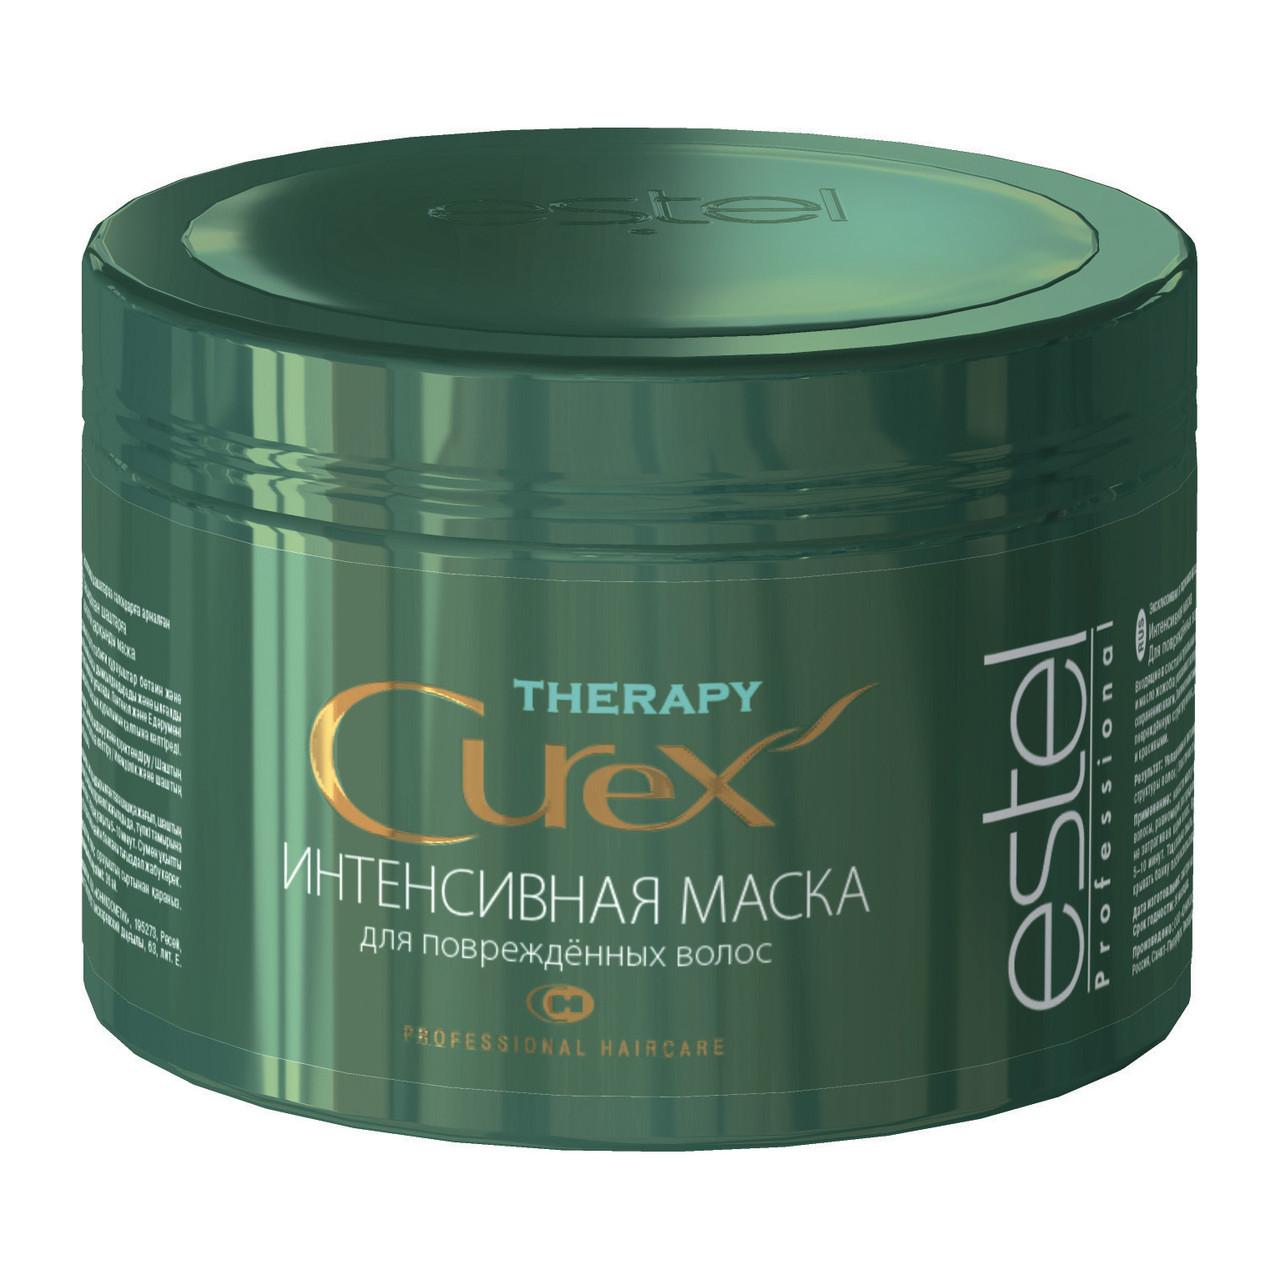 Интенсивная маска CUREX THERAPY для поврежденных волос